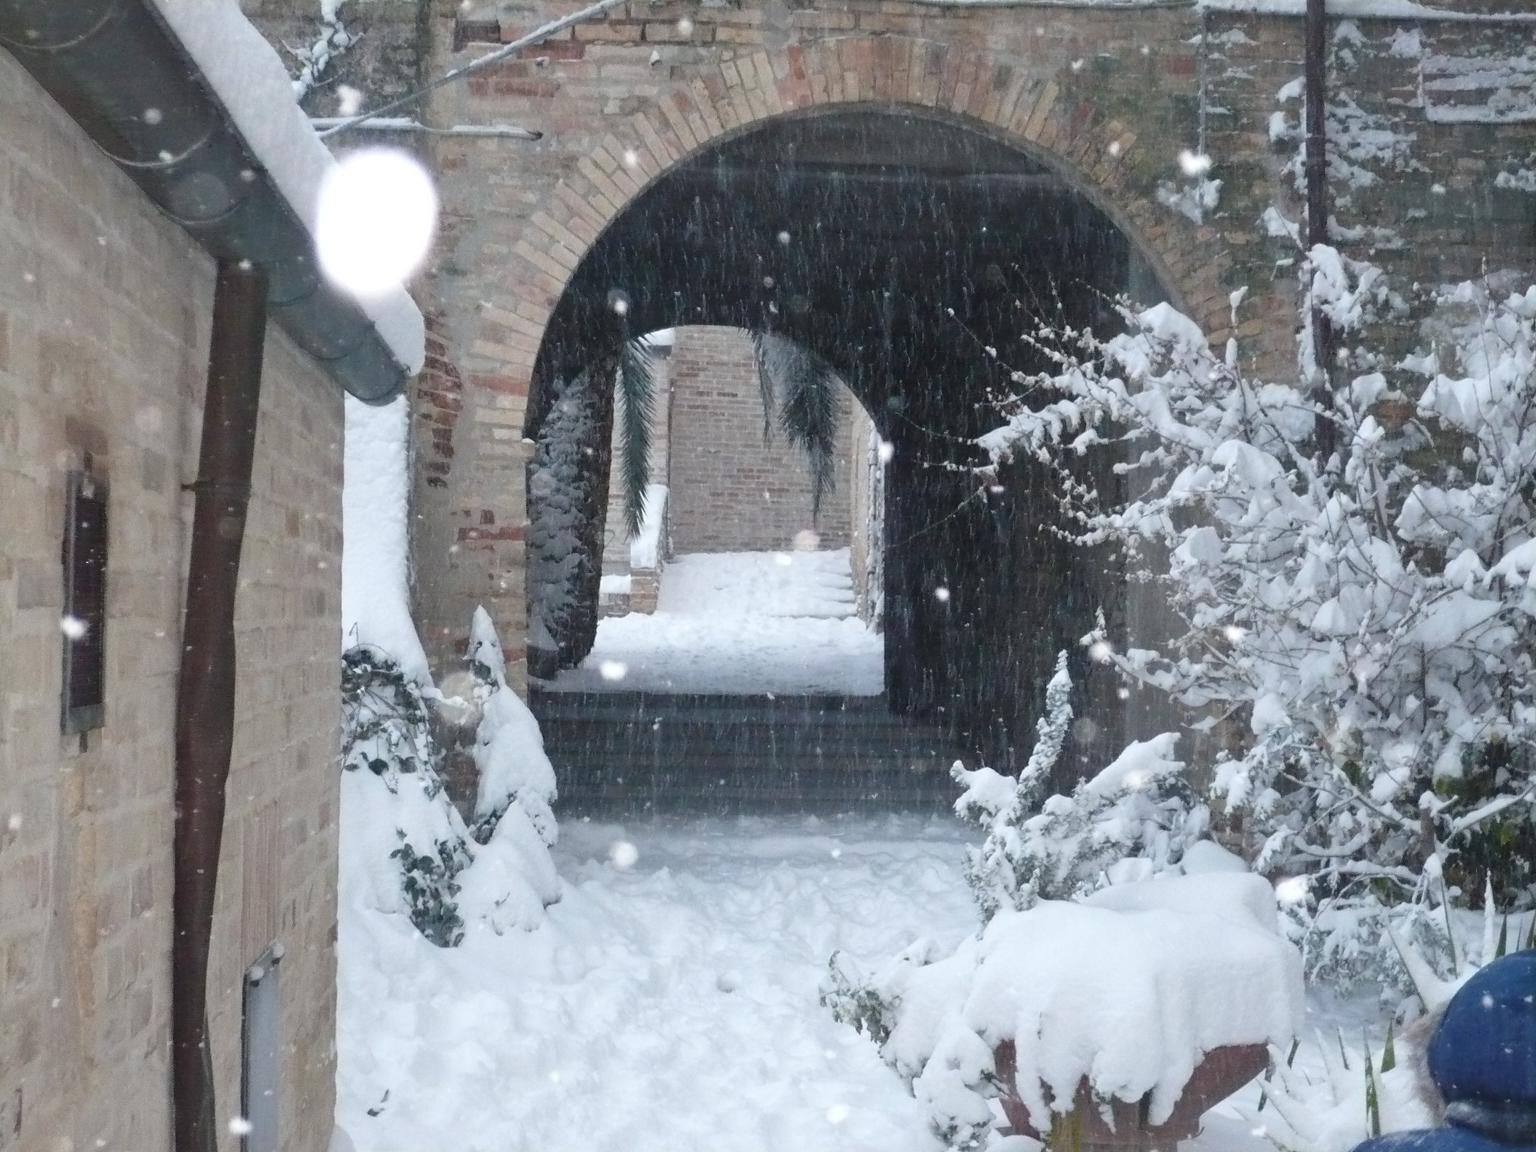 Neve ad Acquaviva, 4 febbraio 2012 foto di Luciano Narcisi 1